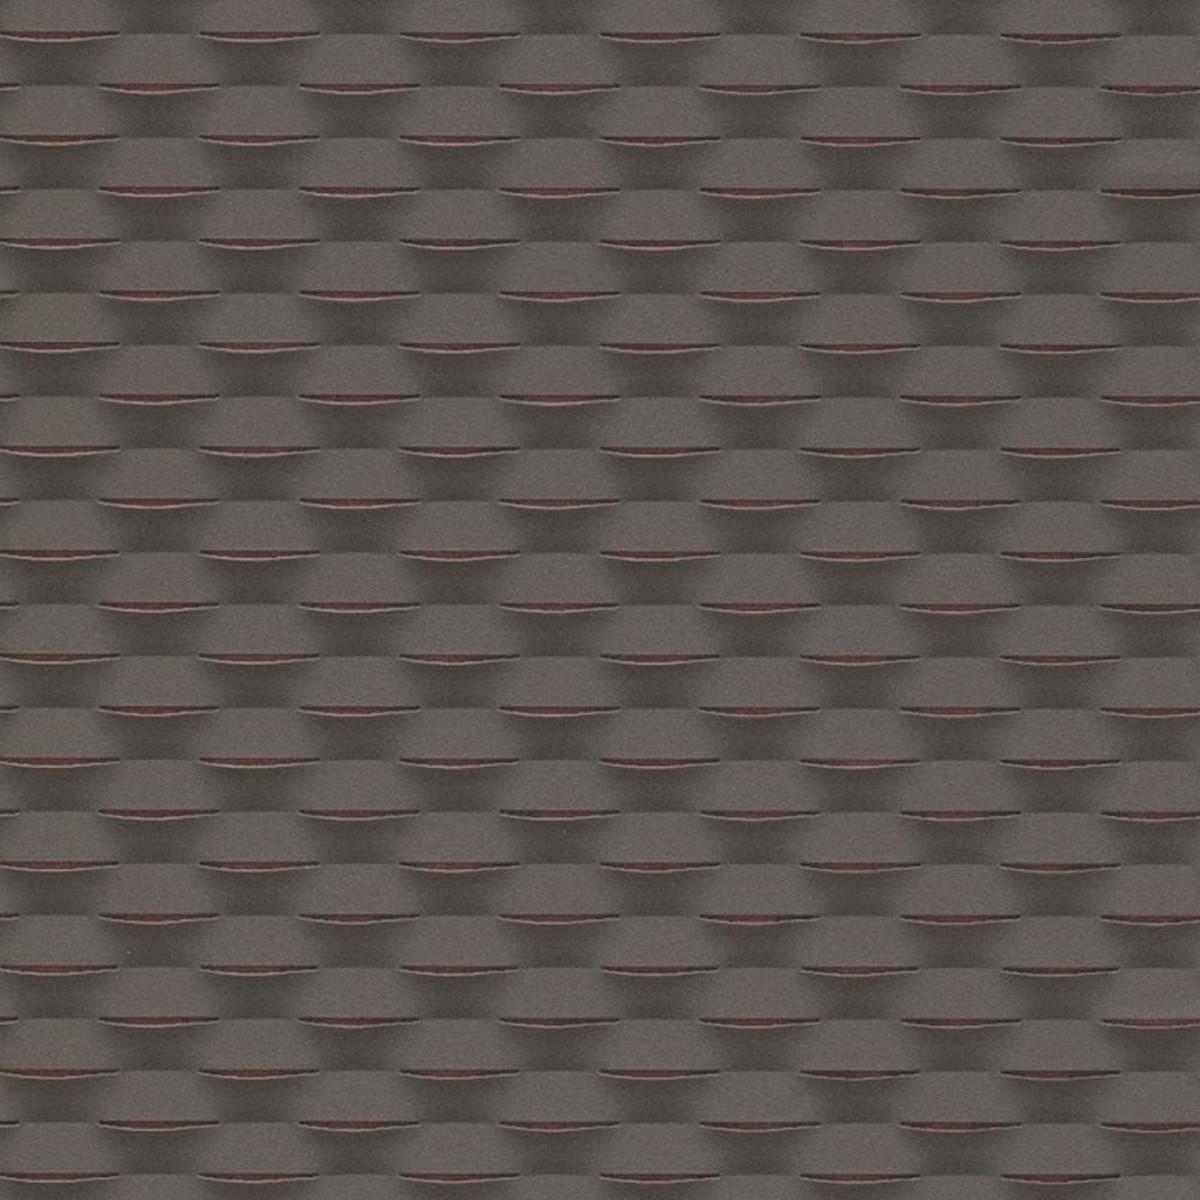 Обои флизелиновые Rasch Bond Street 2015 коричневые 0.53 м 726434